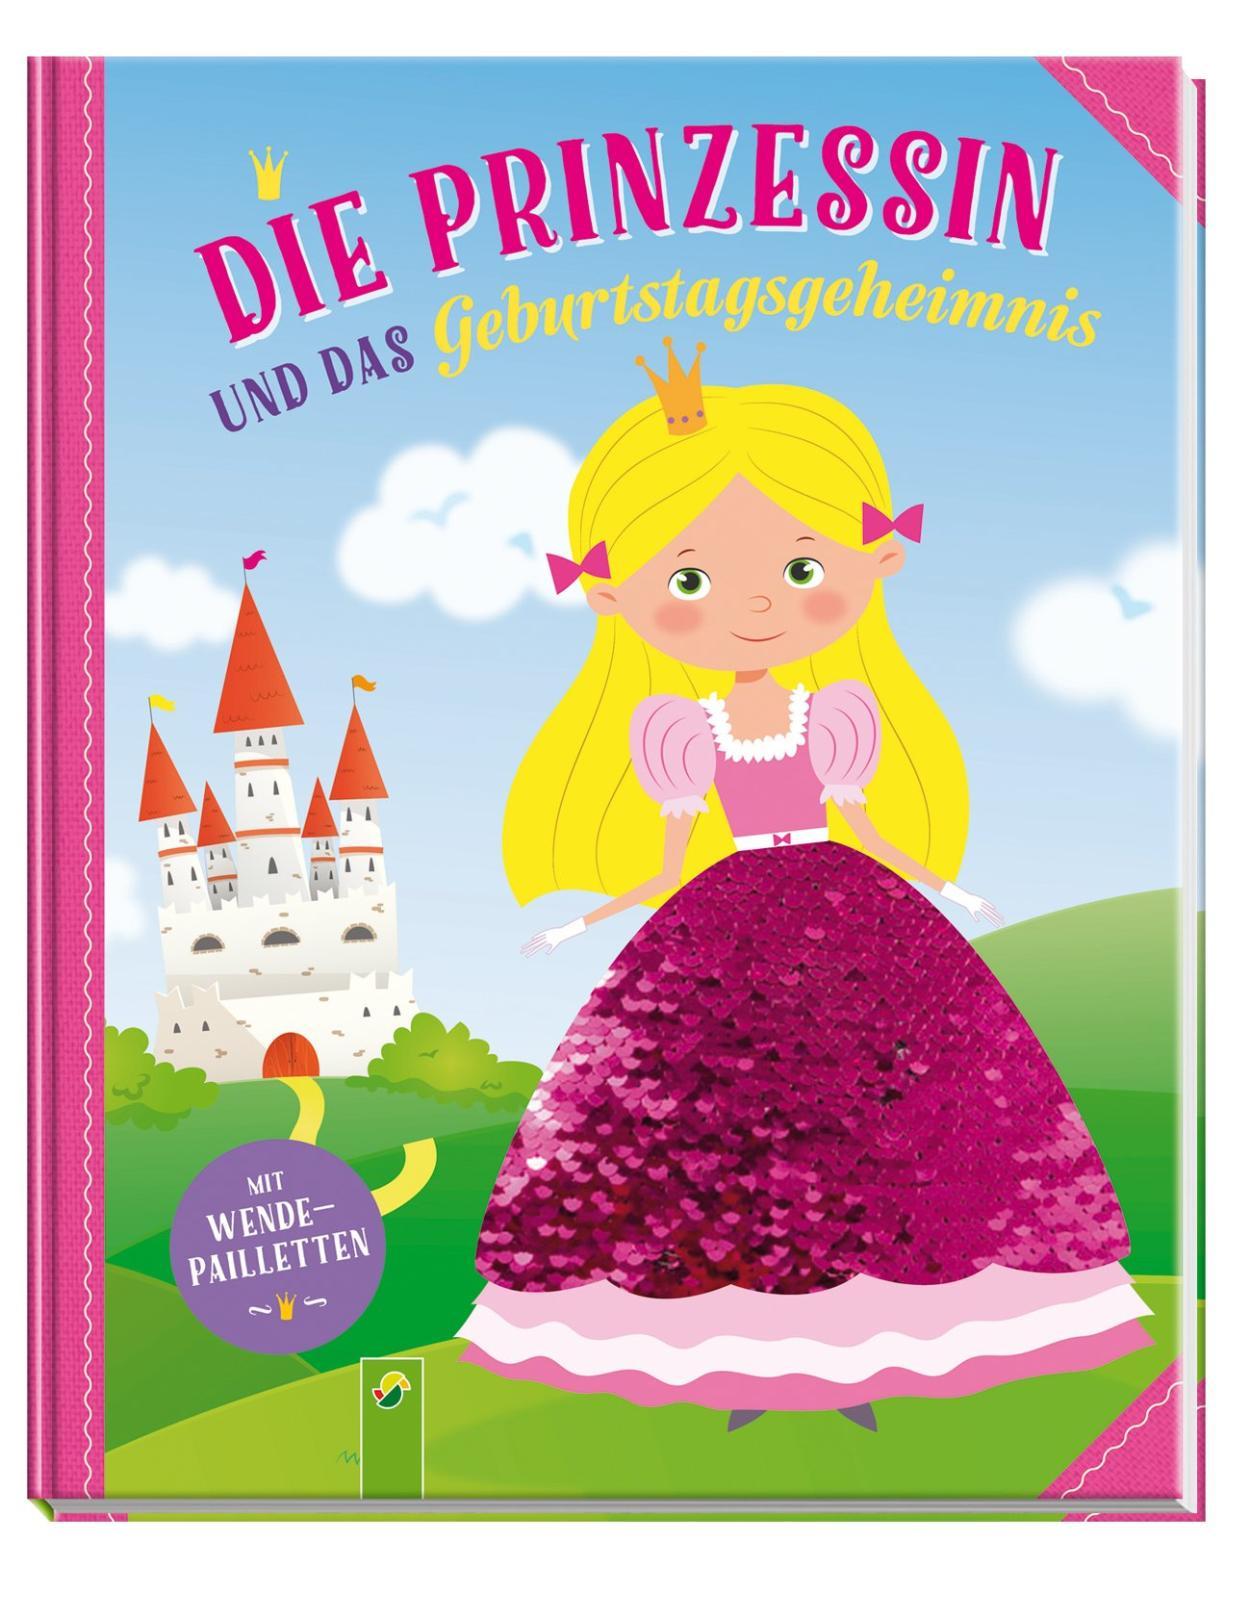 Die Prinzessin und das Geburtstasgeheimnis